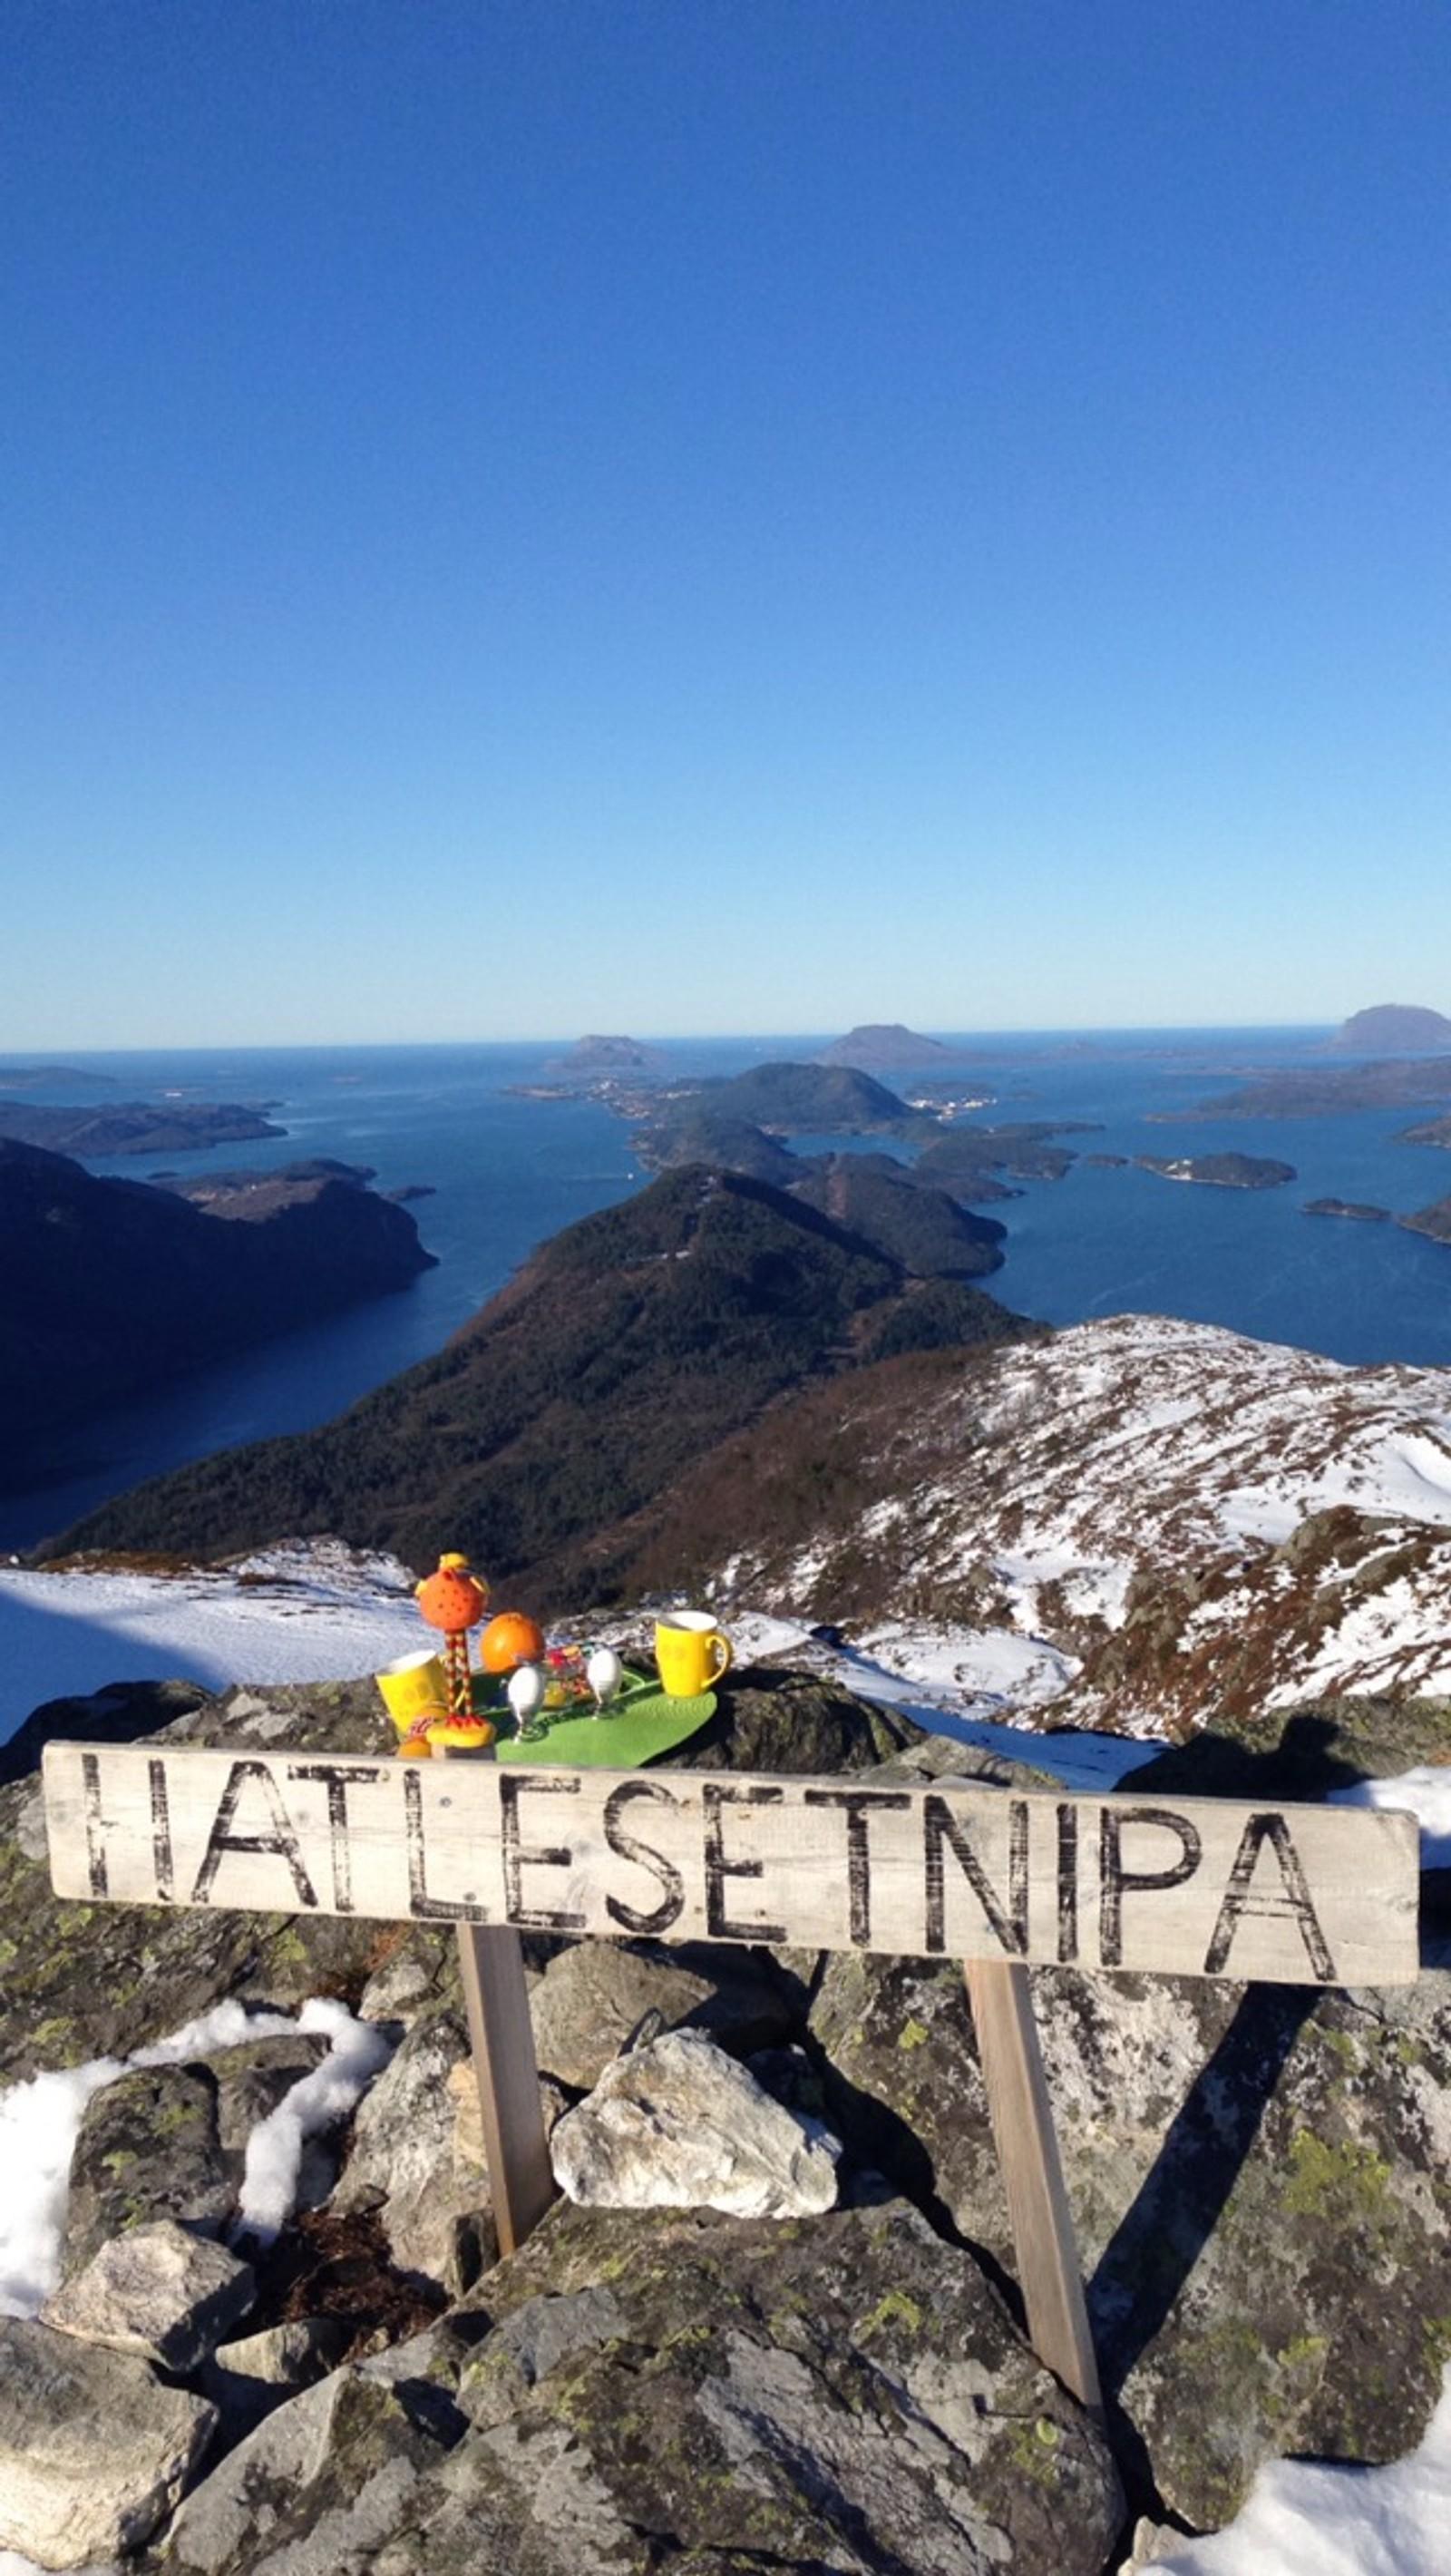 Påskefrukost 25. mars klokka 0855 på Hatlesetnipa 583 meter over havet med fantastisk utsikt mot Florø og skjærgarden i vest, skriv fotografen om biletet.